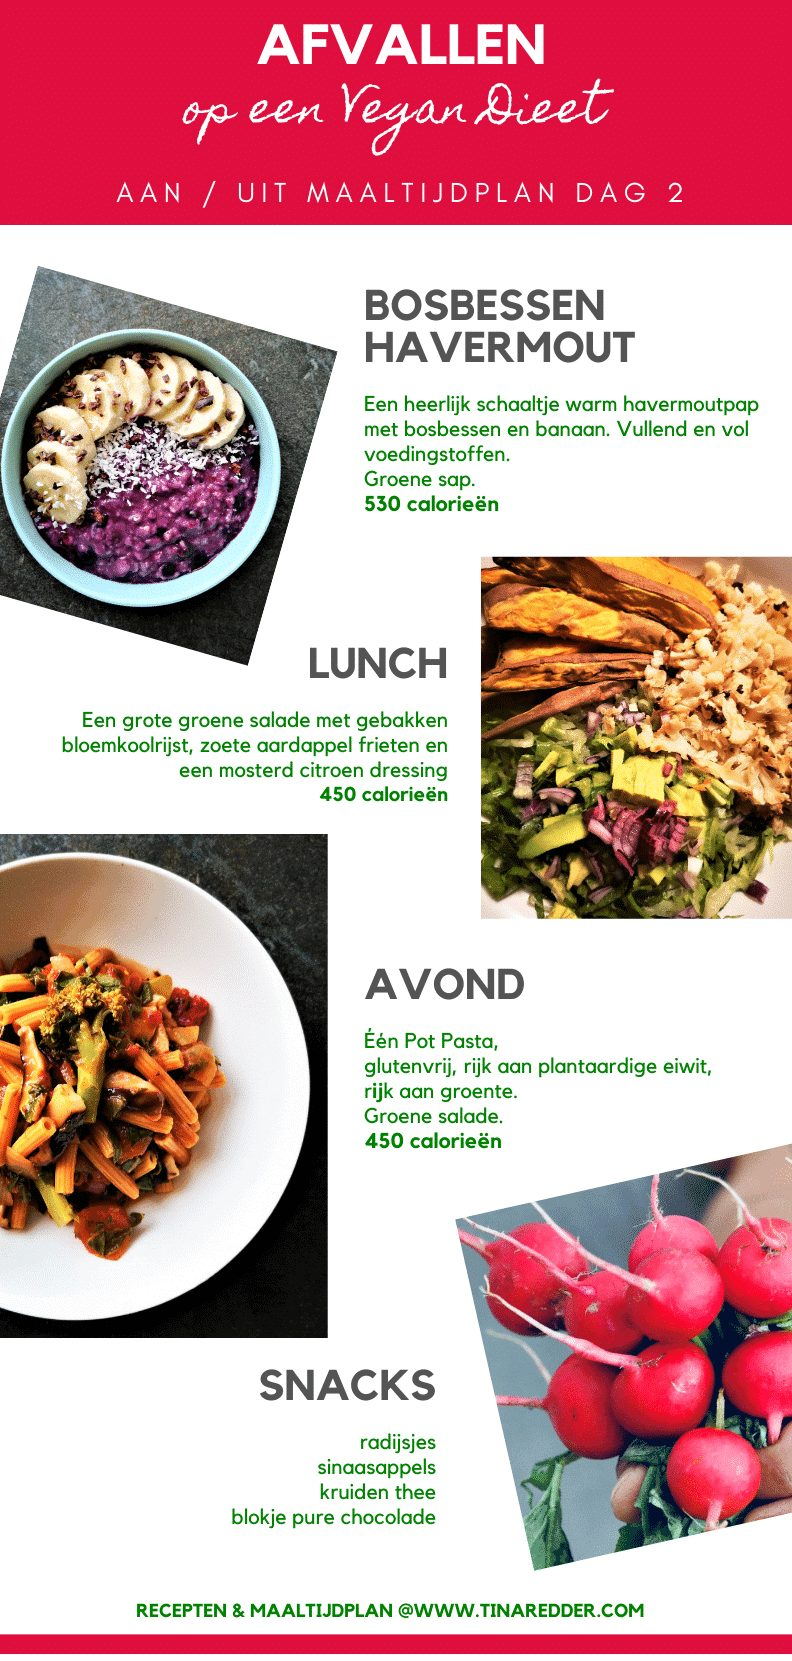 afvallen op een vegan dieet 2